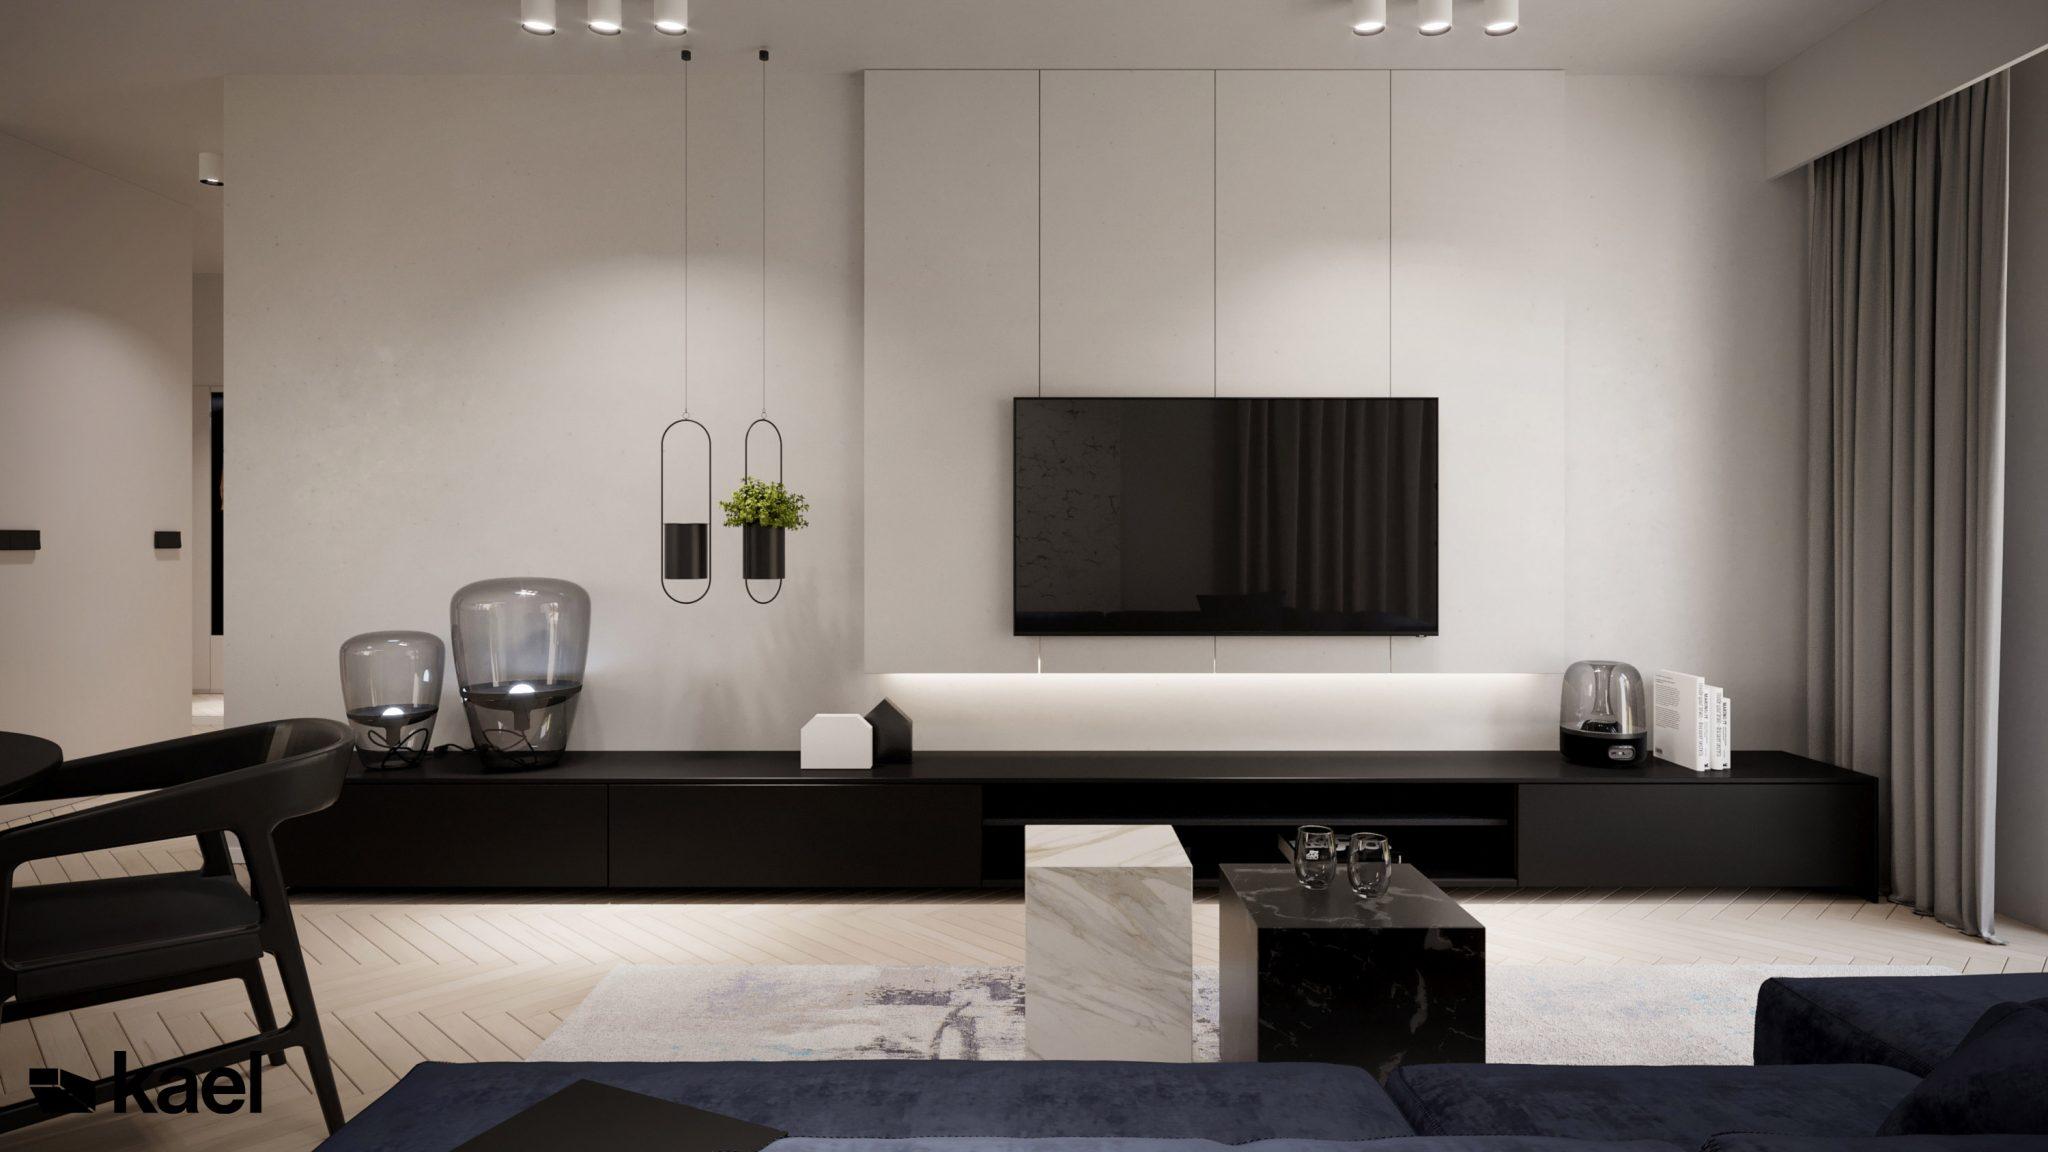 Salon - Figiel - projekt mieszkania - Kael - architekt Warszawa